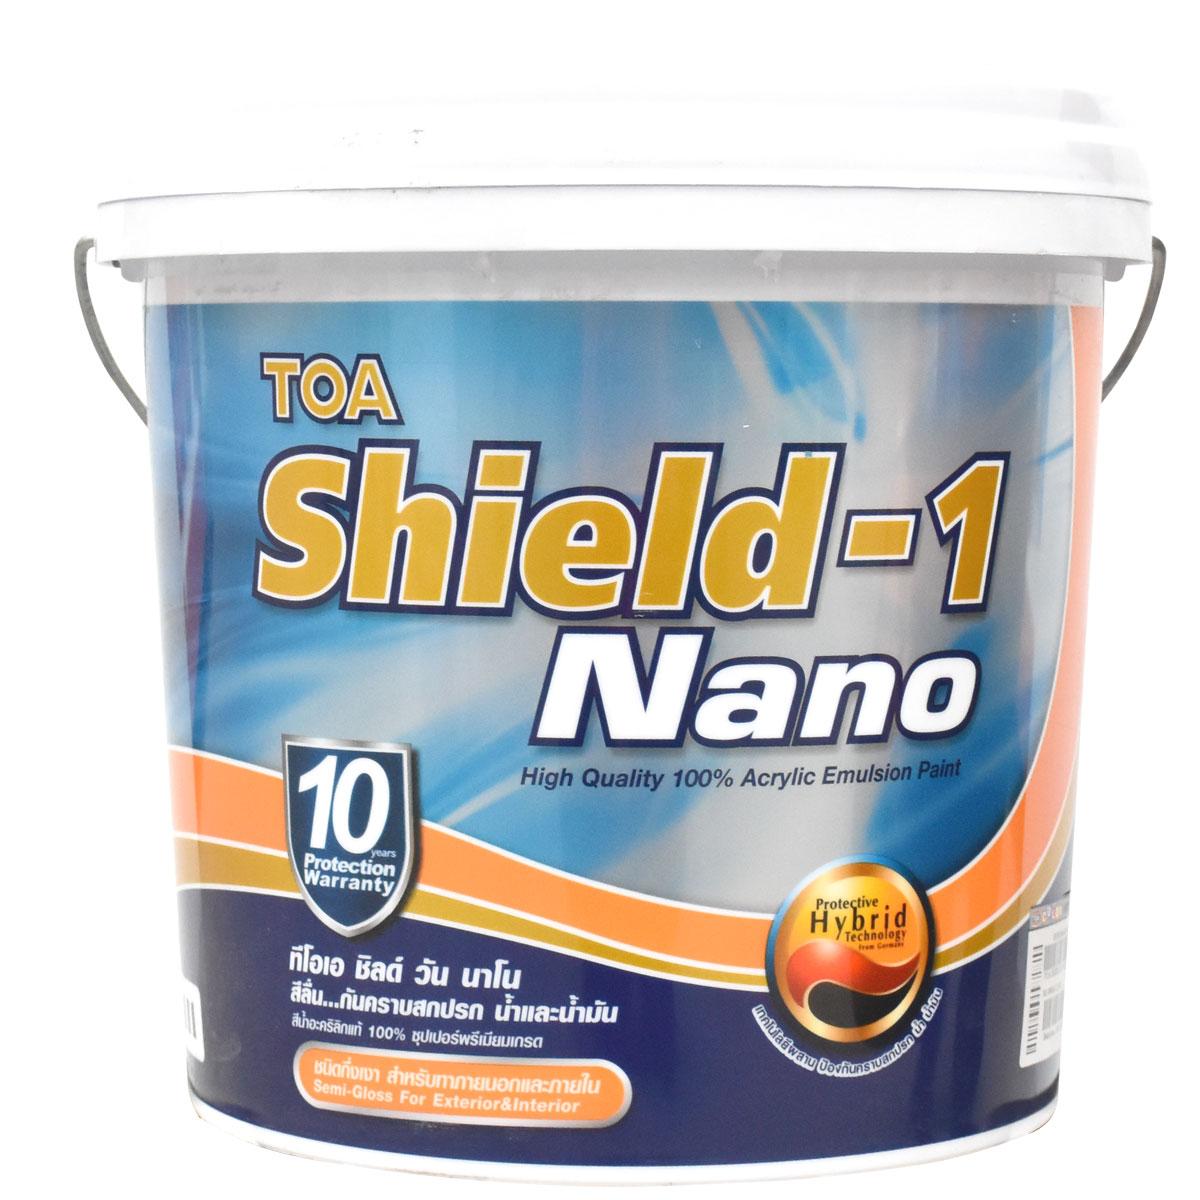 TOA Shield-1 Nano ชิลด์วัน นาโน สีน้ำ กึ่งเงา ทาภายนอก